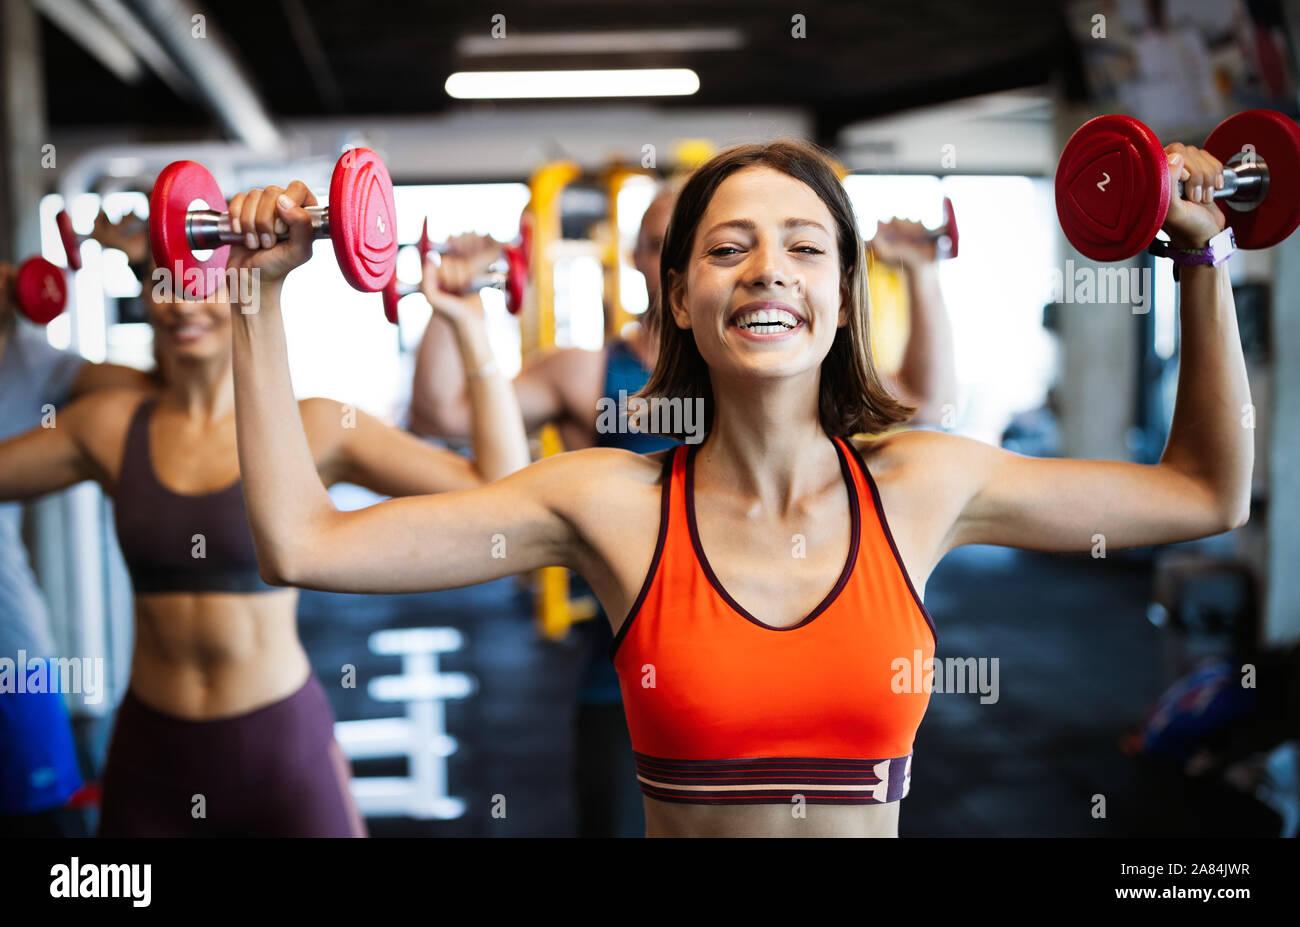 Colocar hermosas mujeres trabajando en el gimnasio Foto de stock